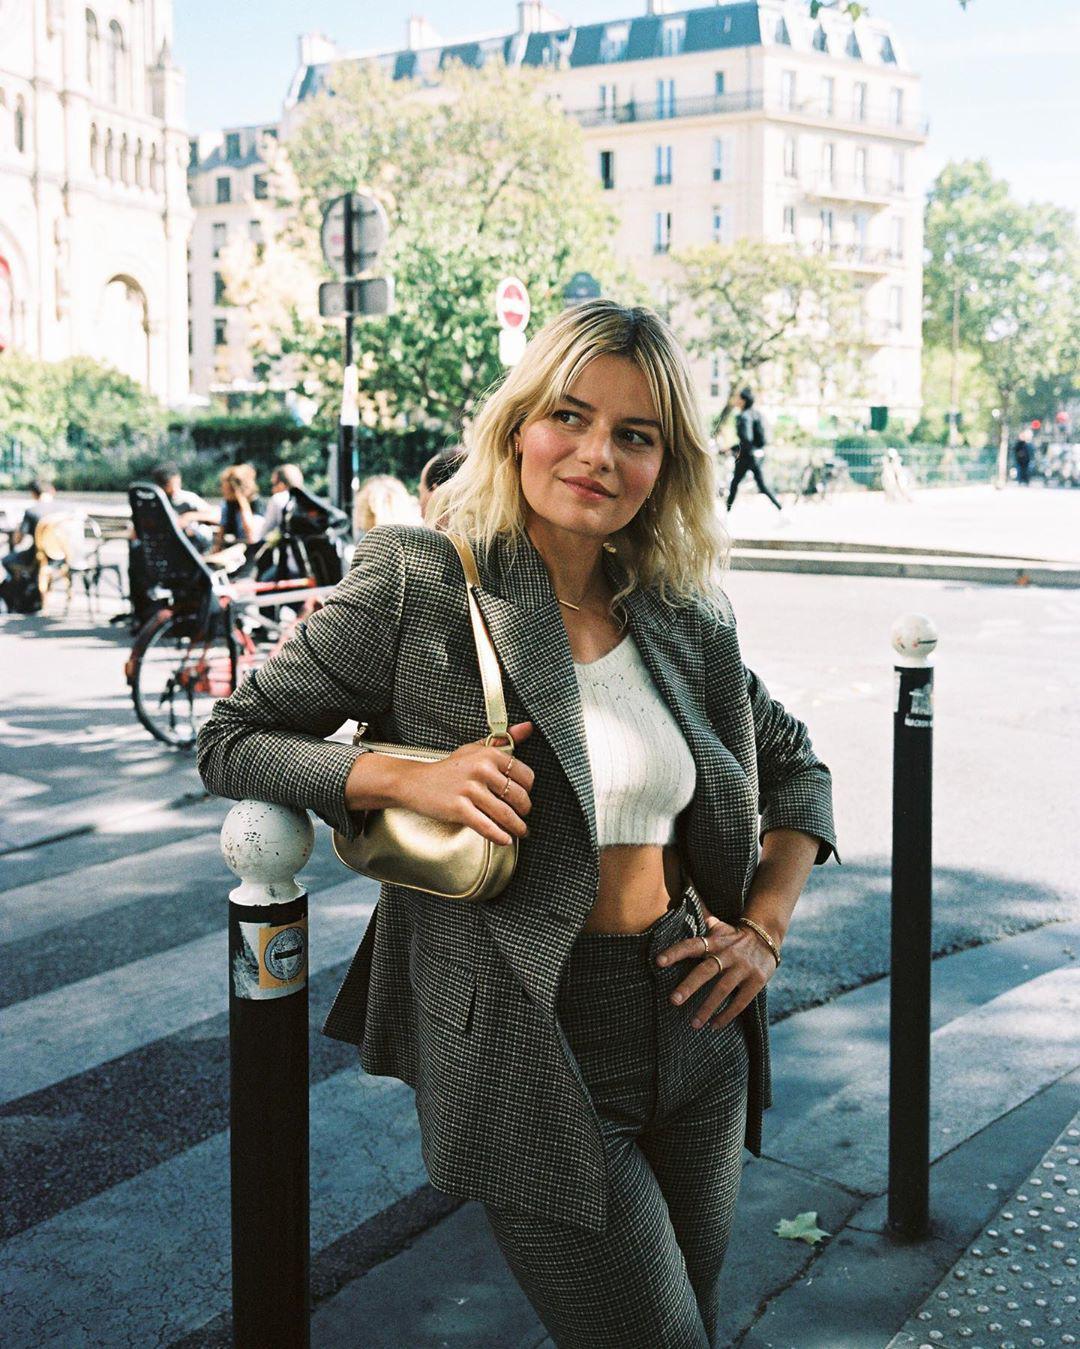 Không thể kìm lòng trước 5 cách diện áo len đẹp xỉu của phụ nữ Pháp, bạn sẽ muốn áp dụng bằng hết mới được - Ảnh 10